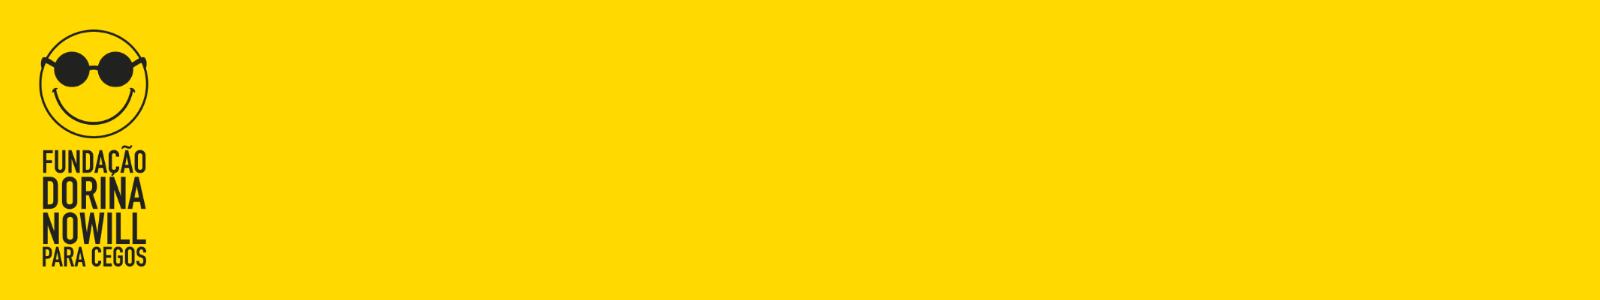 Imagem amarela retangular na horizontal, com o logo da Fundação Dorina à esquerda, em linhas pretas. O logo é composto por um círculo com óculos escuros e um largo sorriso e, abaixo, os dizeres FUNDAÇÃO DORINA NOWILL PARA CEGOS.